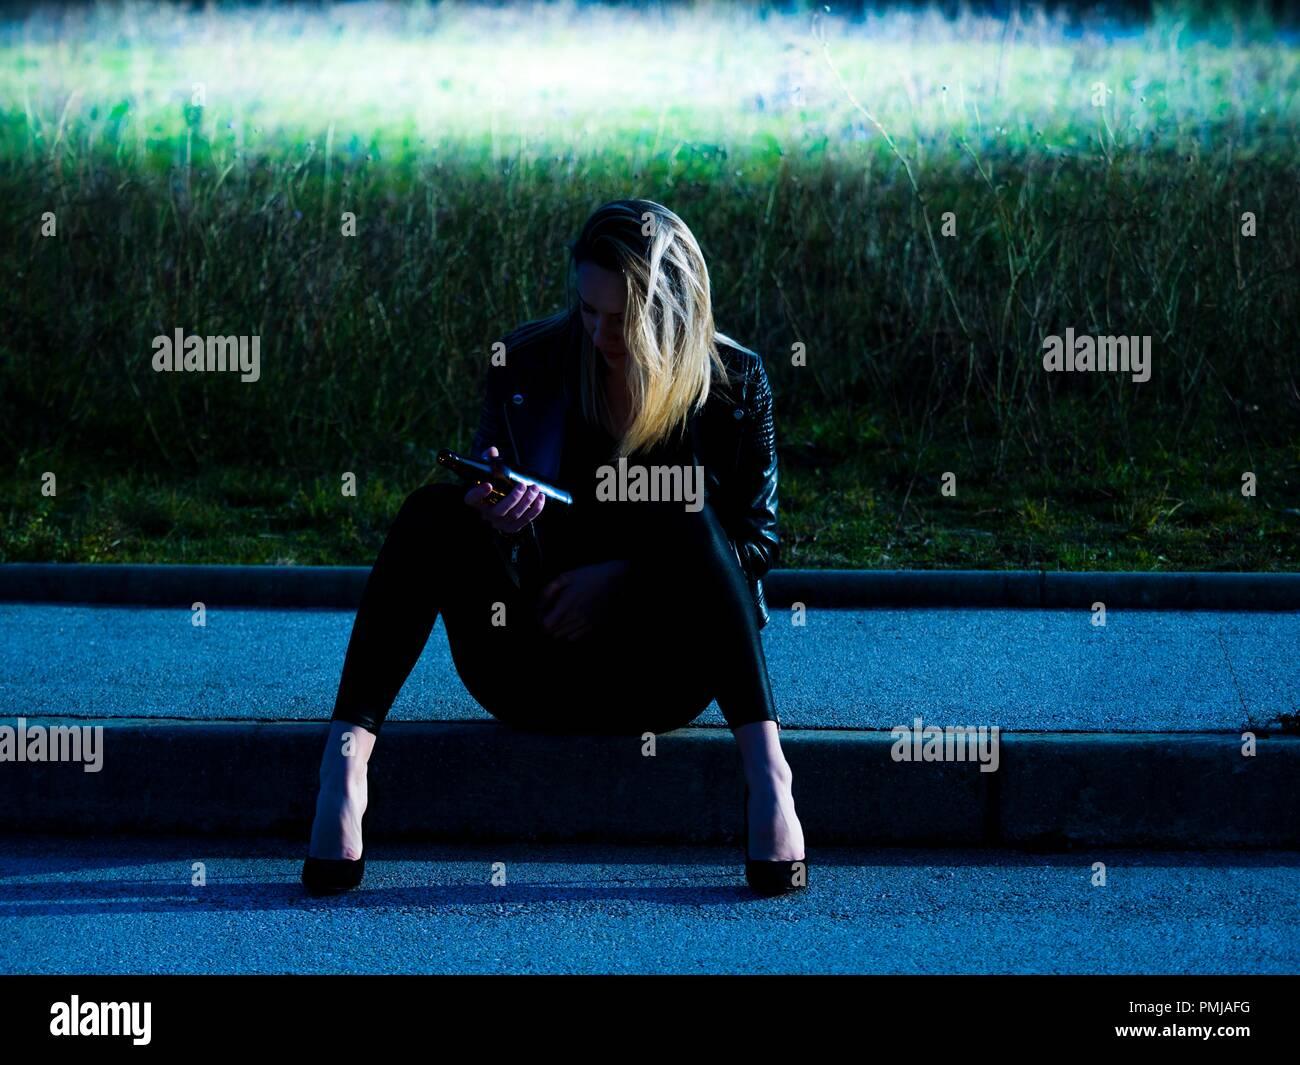 Jeune femme de 20 ans assis sur le bas de la route à la bouteille de bière dans la main tenant l'alcool addict sentiment misérable obscurité nocturne nocturne Photo Stock